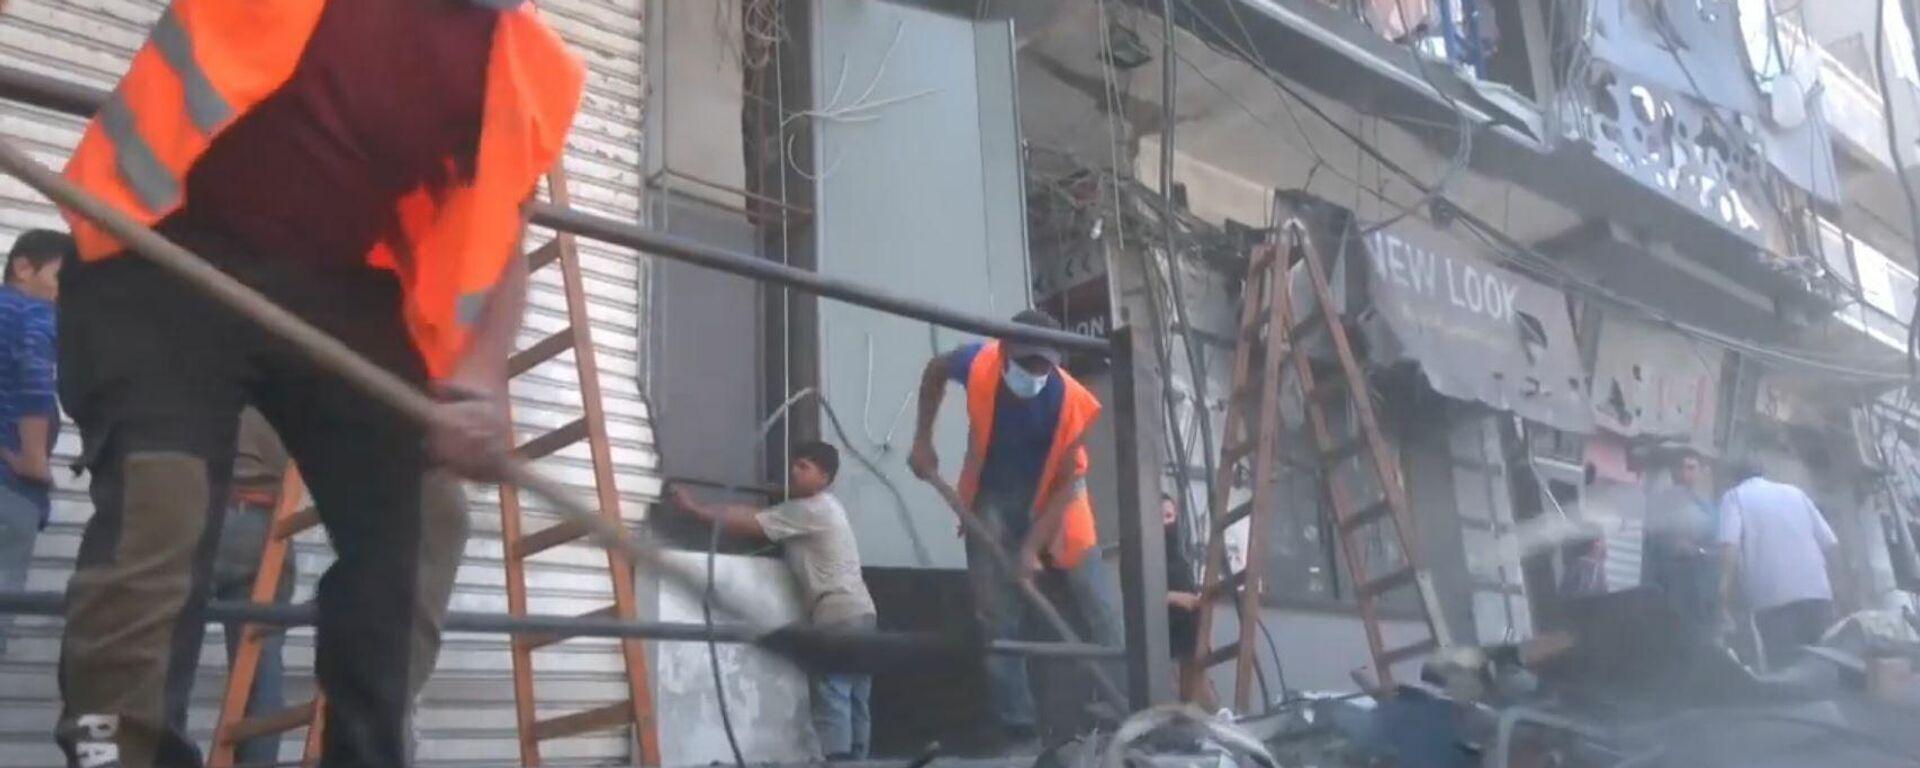 Los habitantes de Gaza reconstruyen la ciudad tras los ataques aéreos israelíes  - Sputnik Mundo, 1920, 23.05.2021